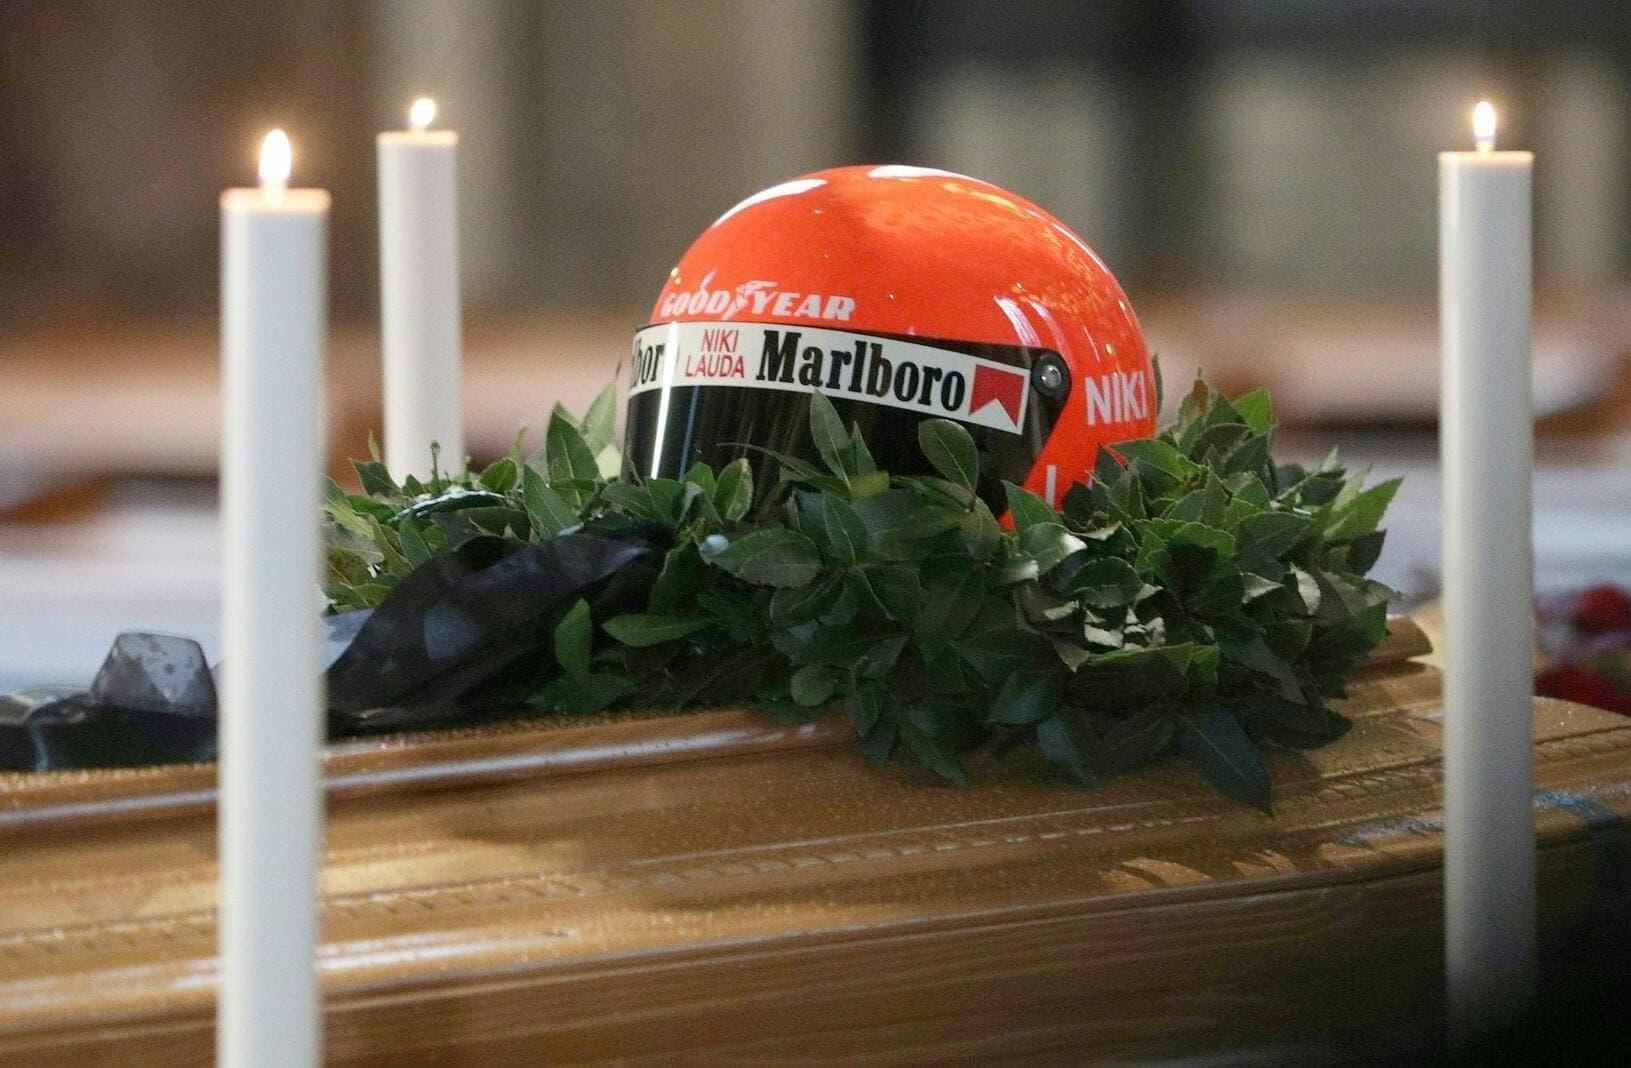 Zahlreiche Fans haben sich in Wien von der verstorbenen Motorsport-Legende Niki Lauda verabschiedet. Foto: Georg Hochmuth/dpa